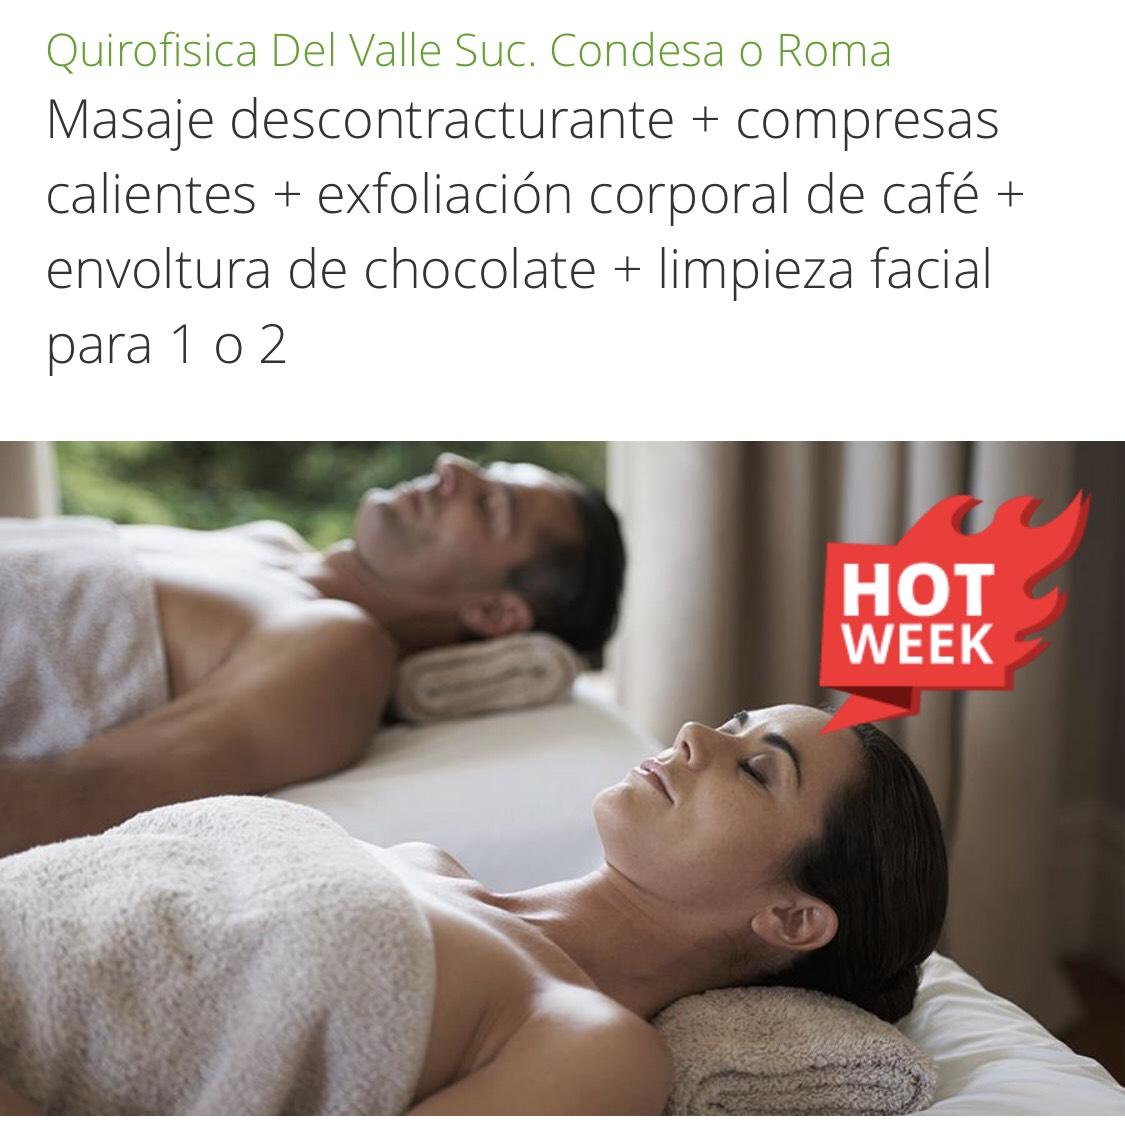 Groupon CDMX: Masaje descontracturante+compresas calientes + exfoliación corporal de café + envoltura de chocolate + limpieza facial